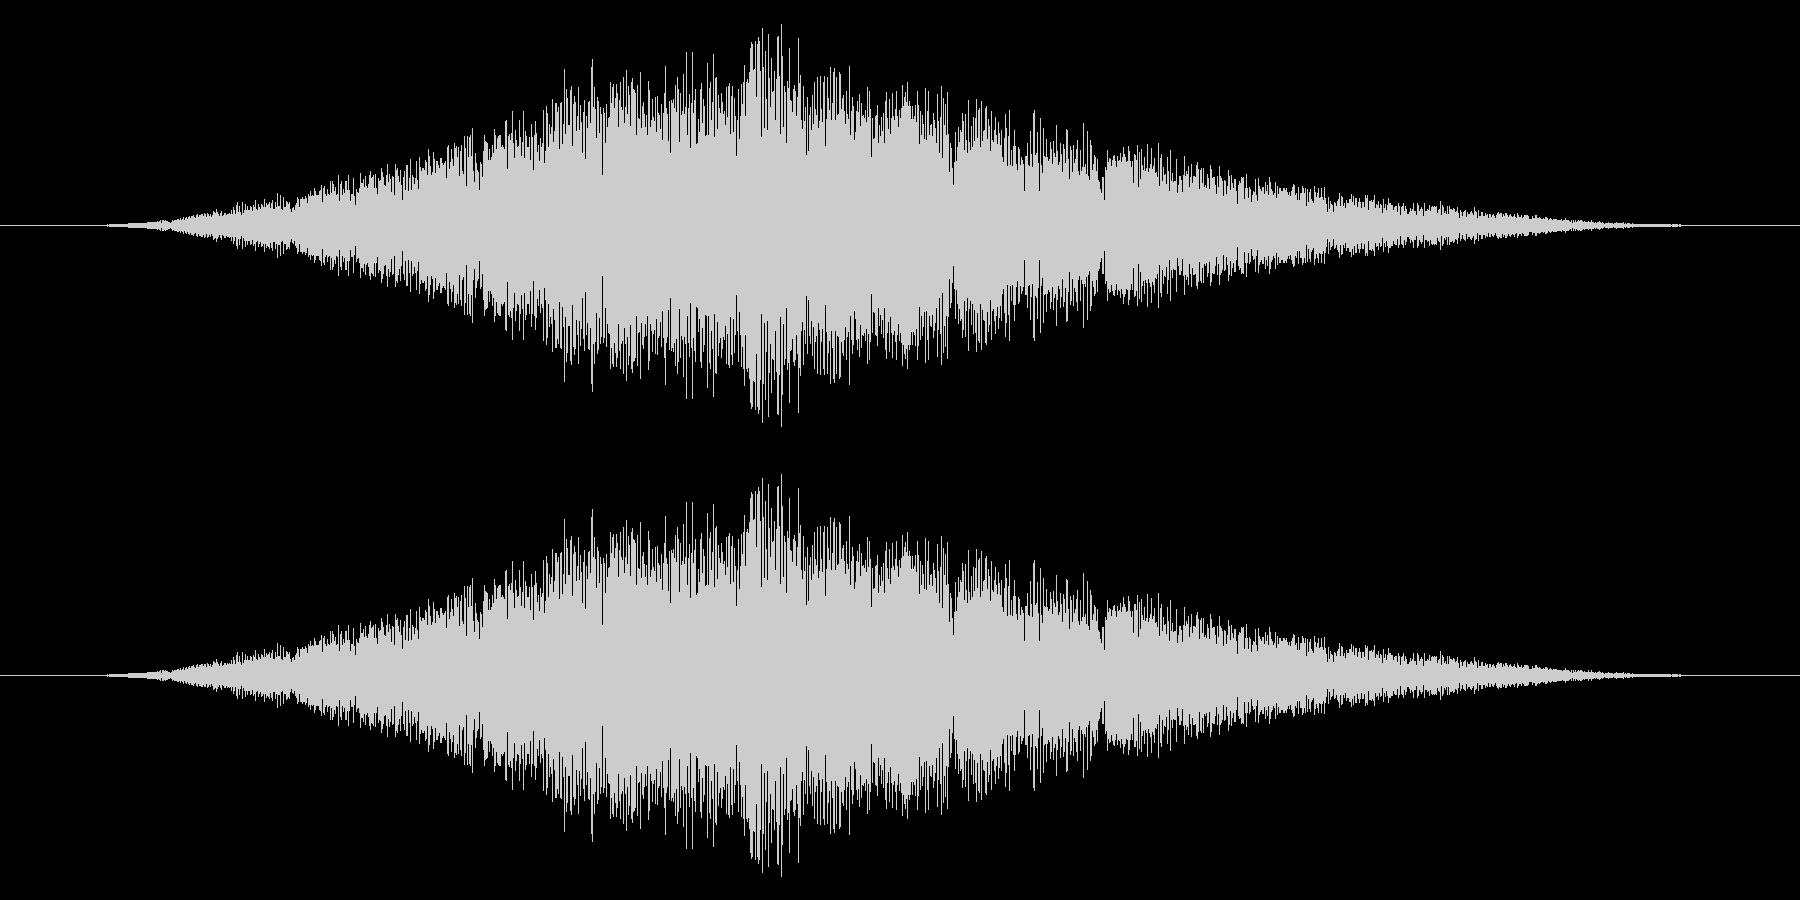 SNES レース02-03(通過)の未再生の波形